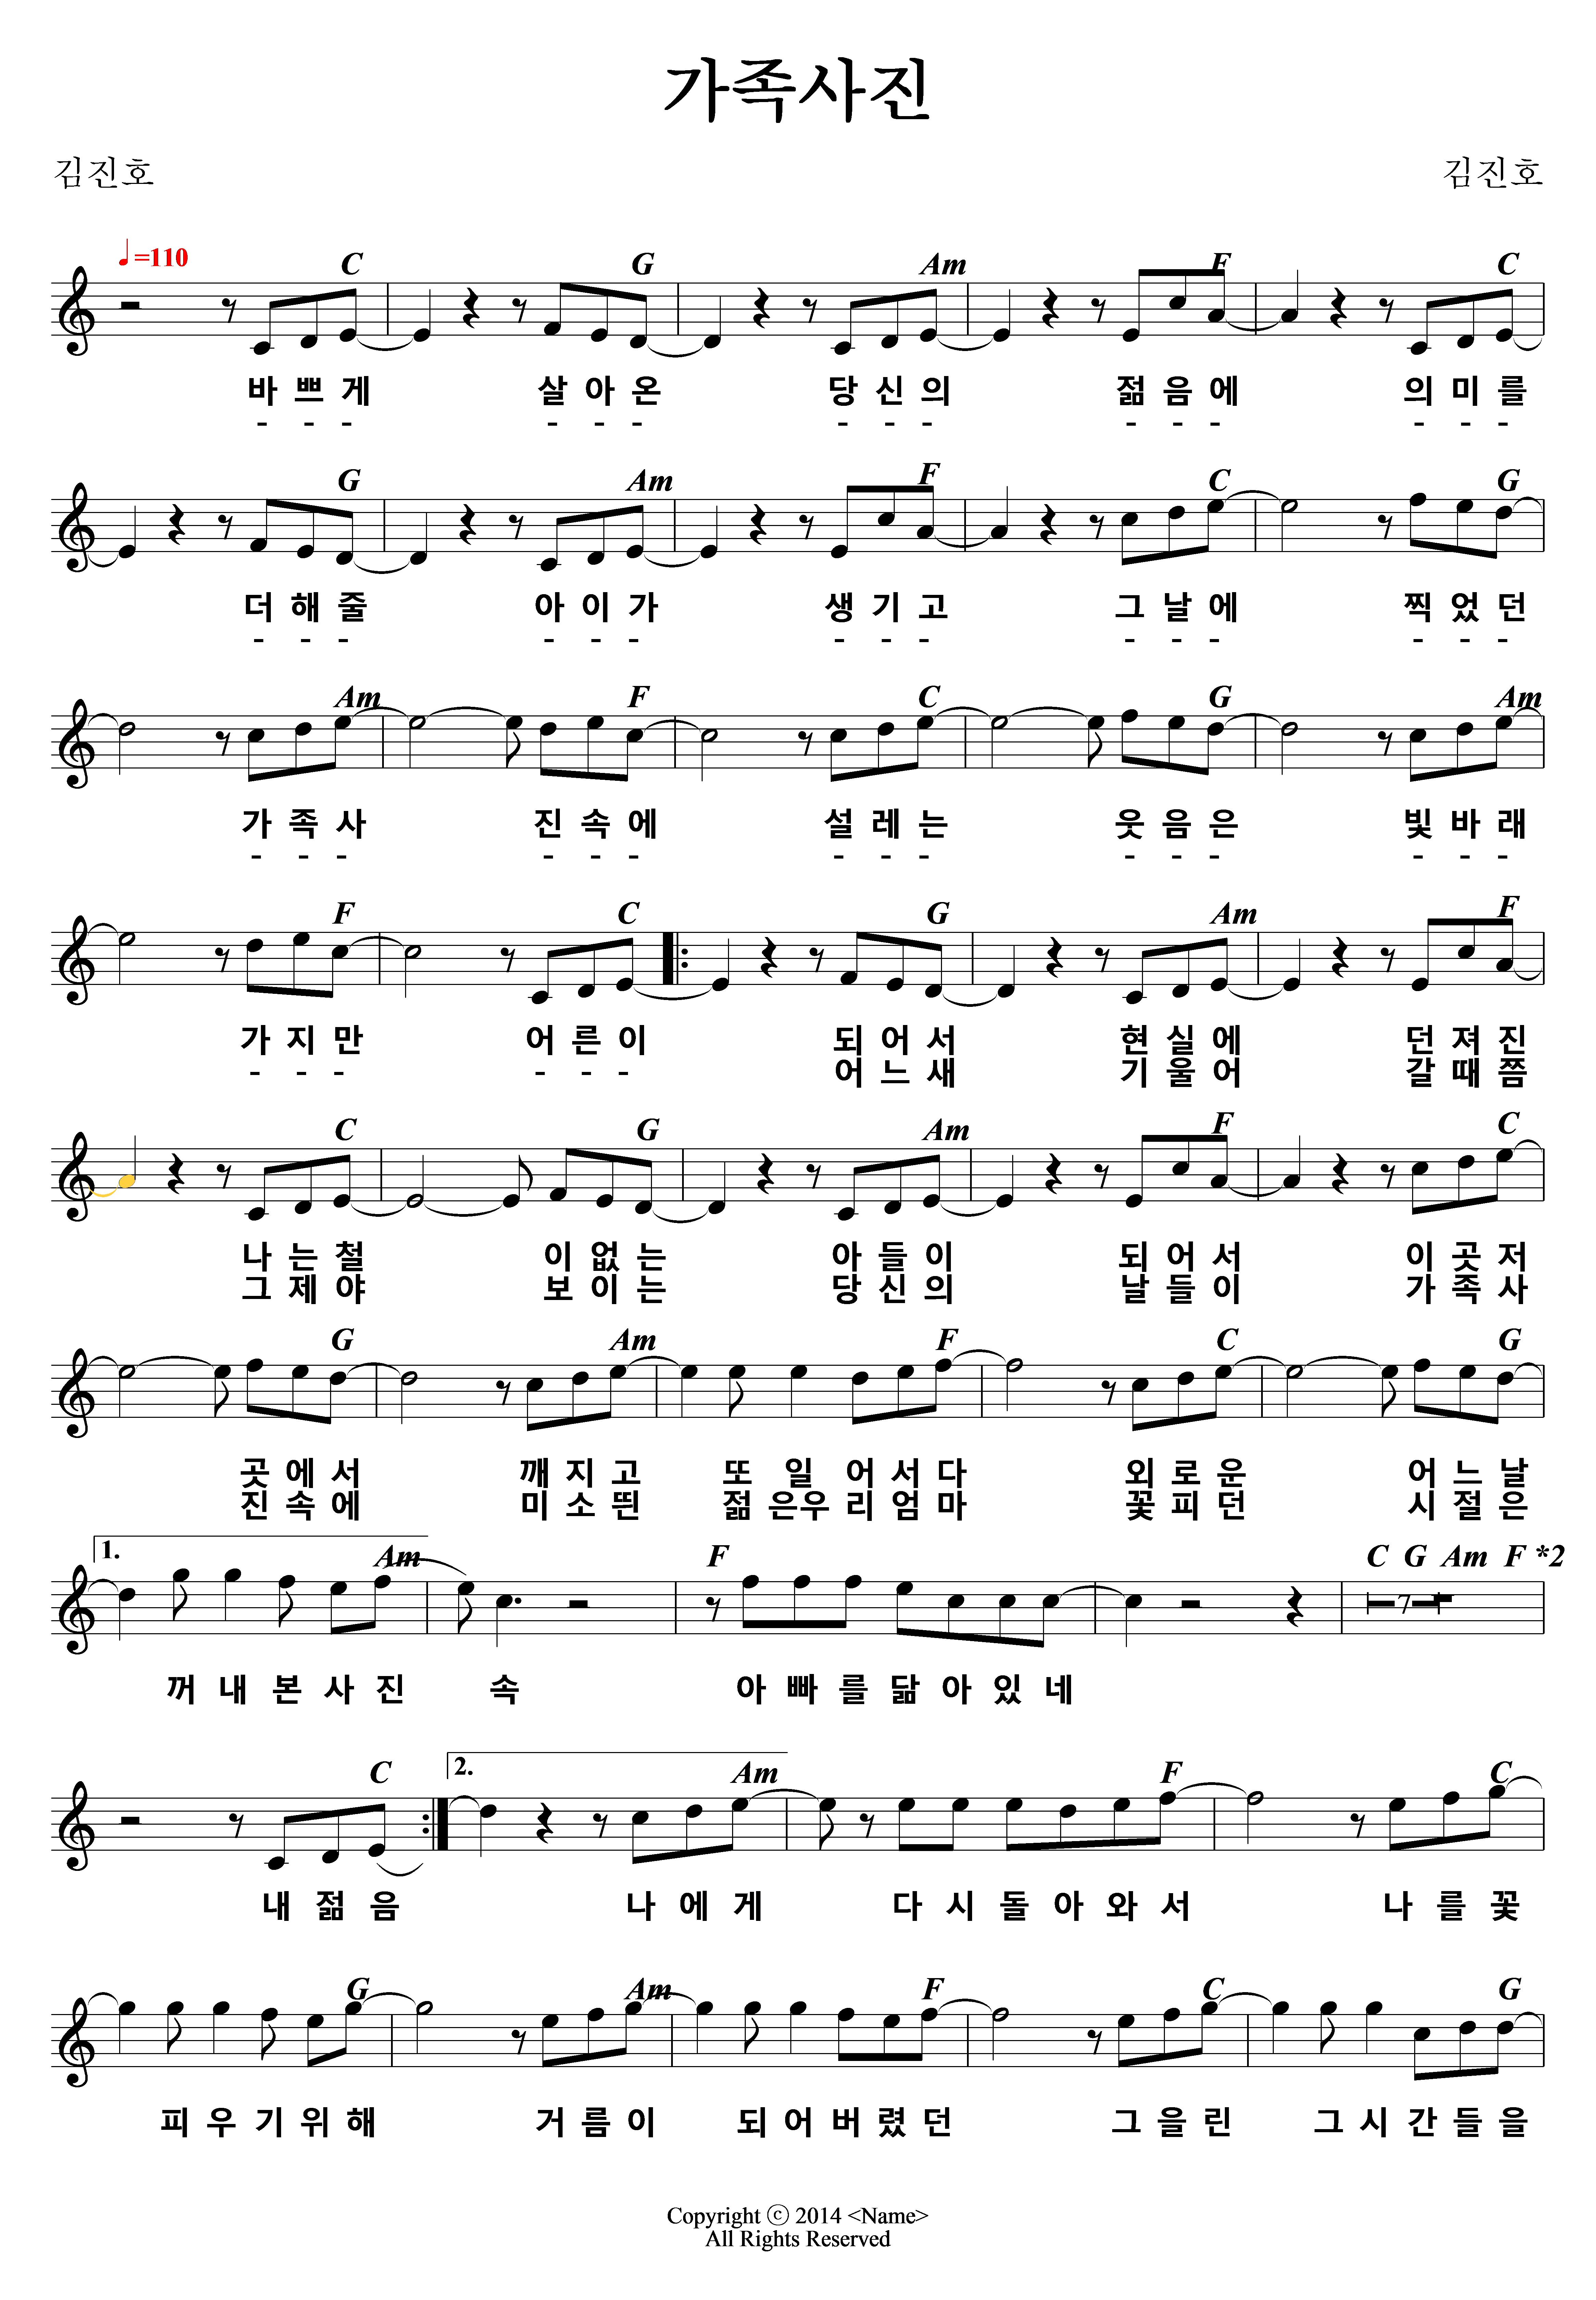 대우 가족 의 노래